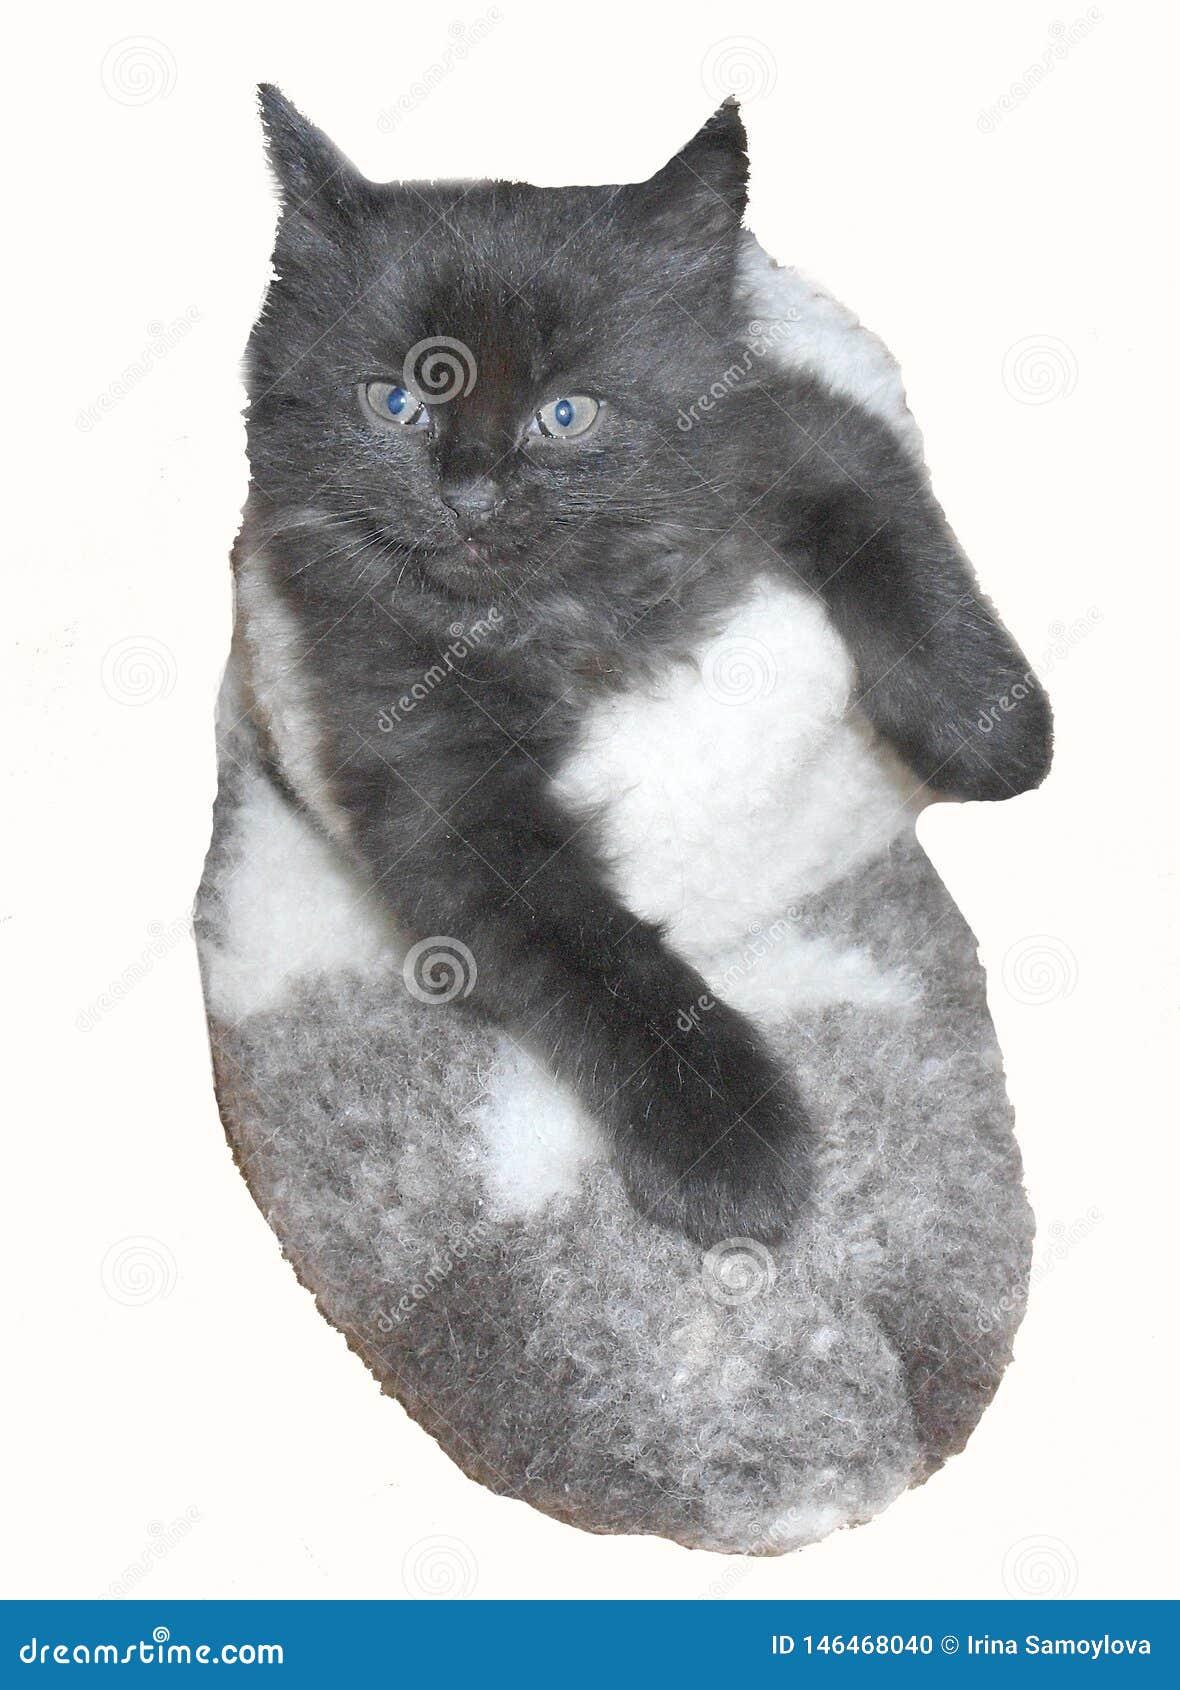 Kleines nettes schwarzes Kätzchen im Filzstiefel